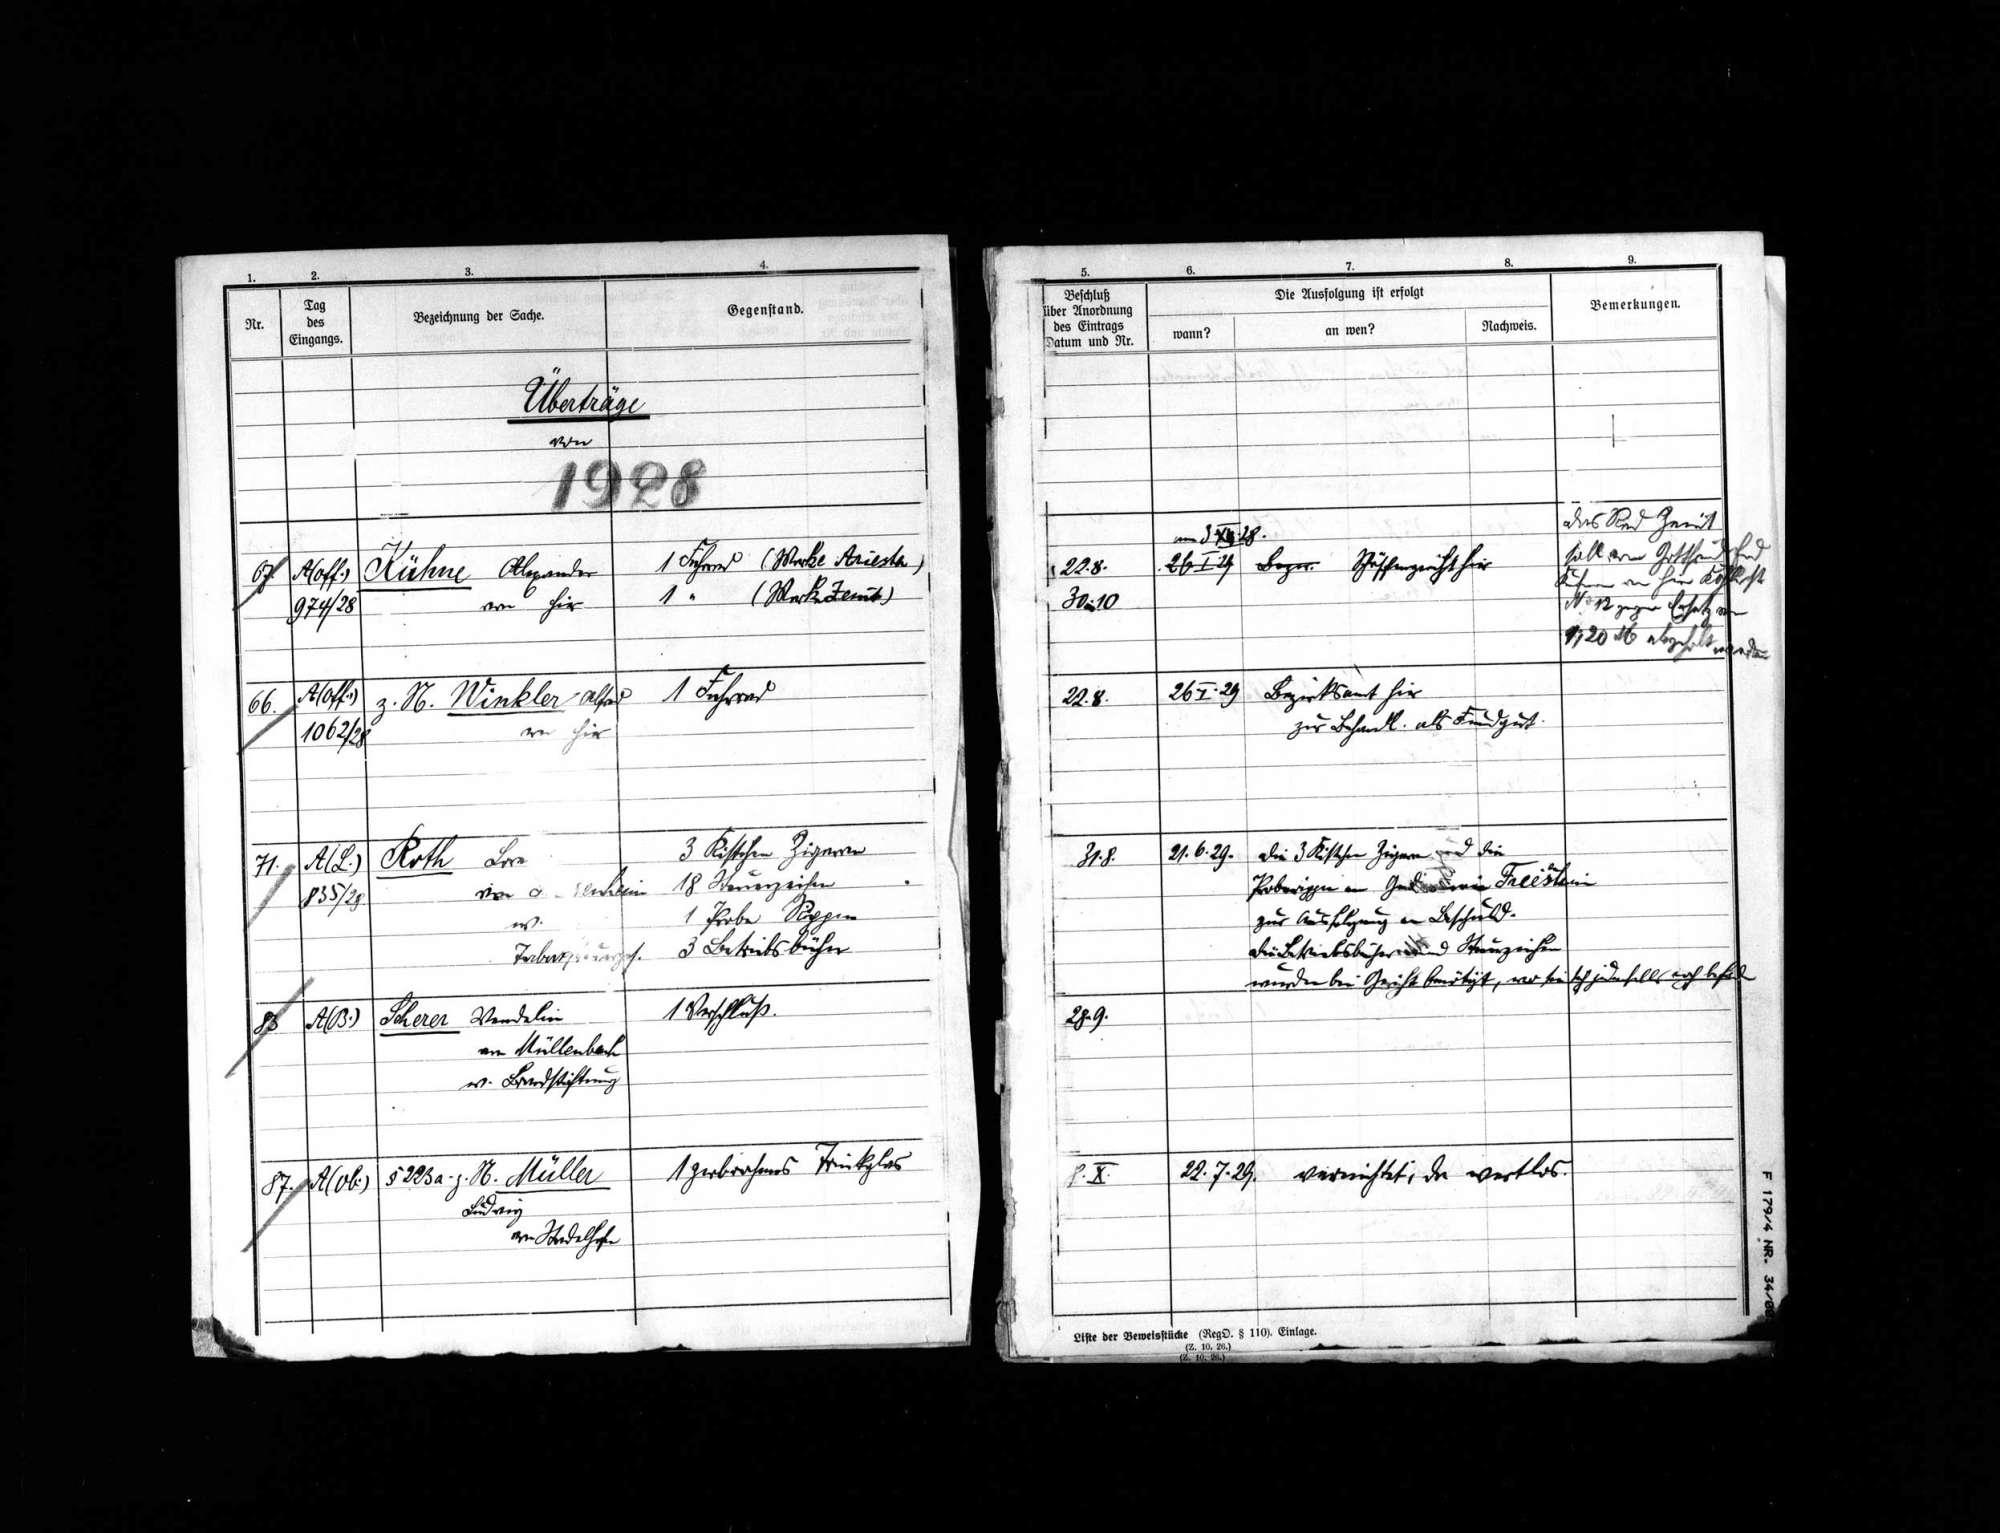 Liste der Beweisstücke anderer Verfahren 1929, Bild 3